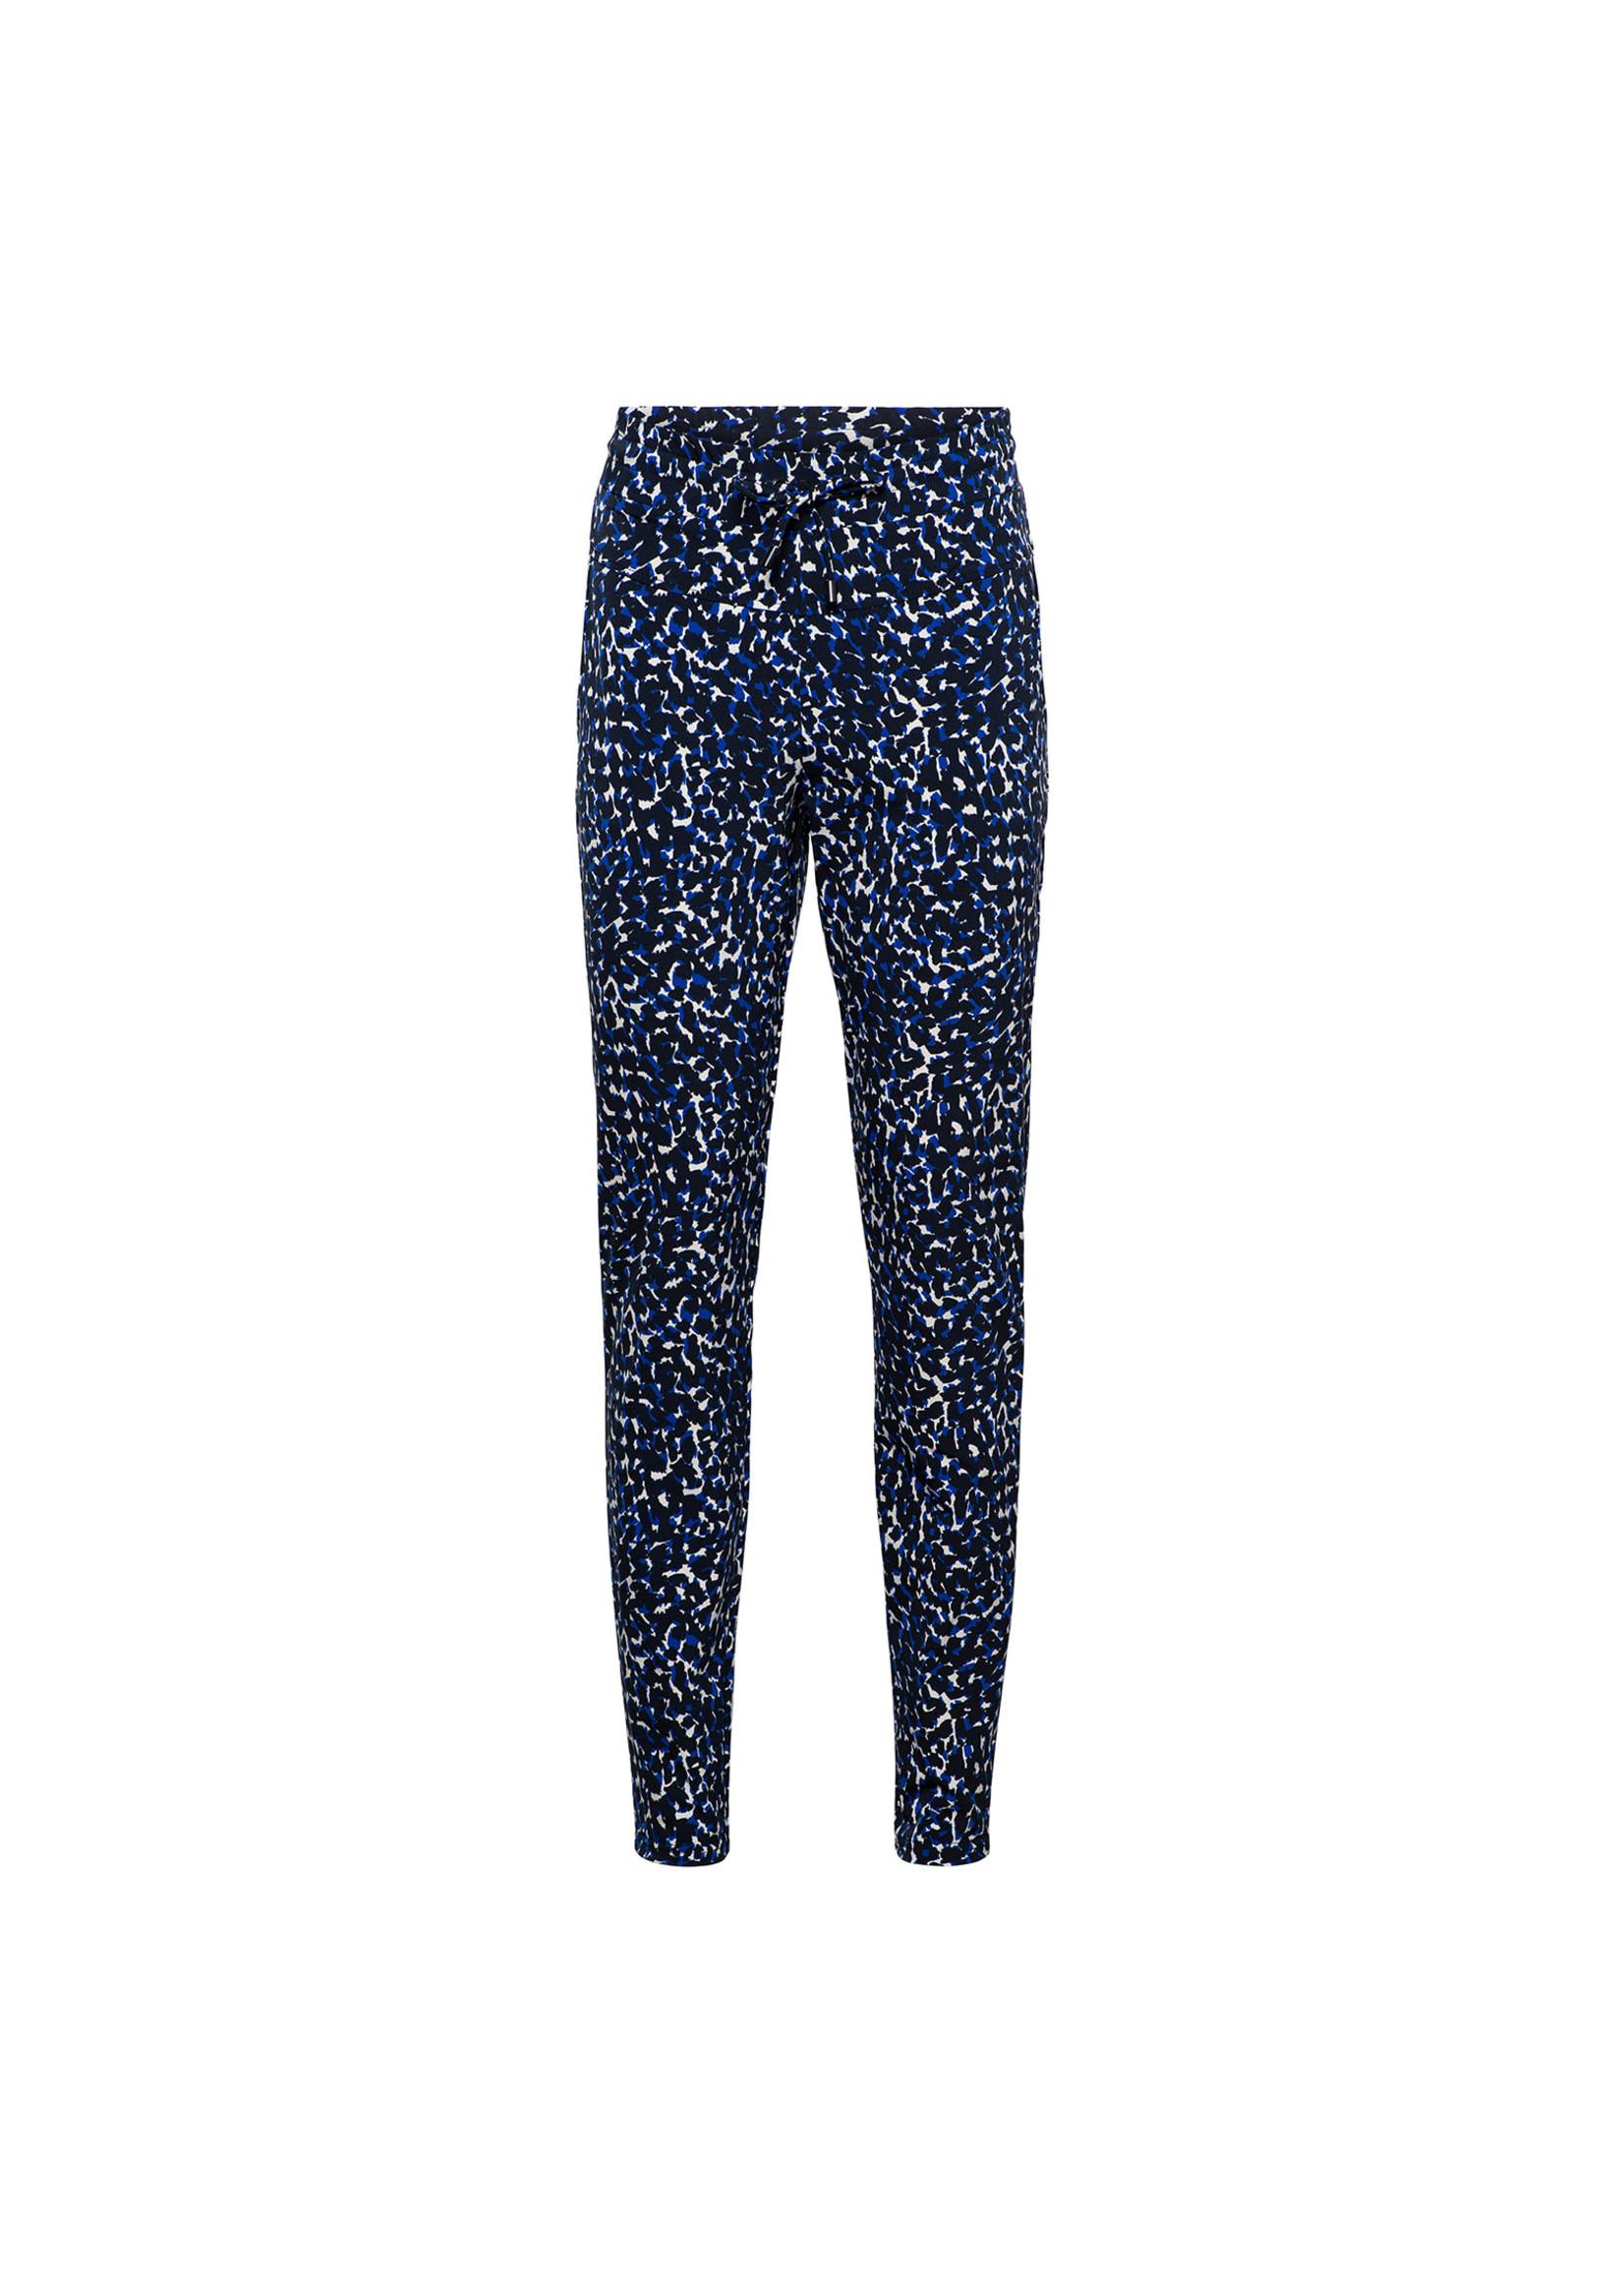 &Co Women philly pants cobalt spot (m.navy)